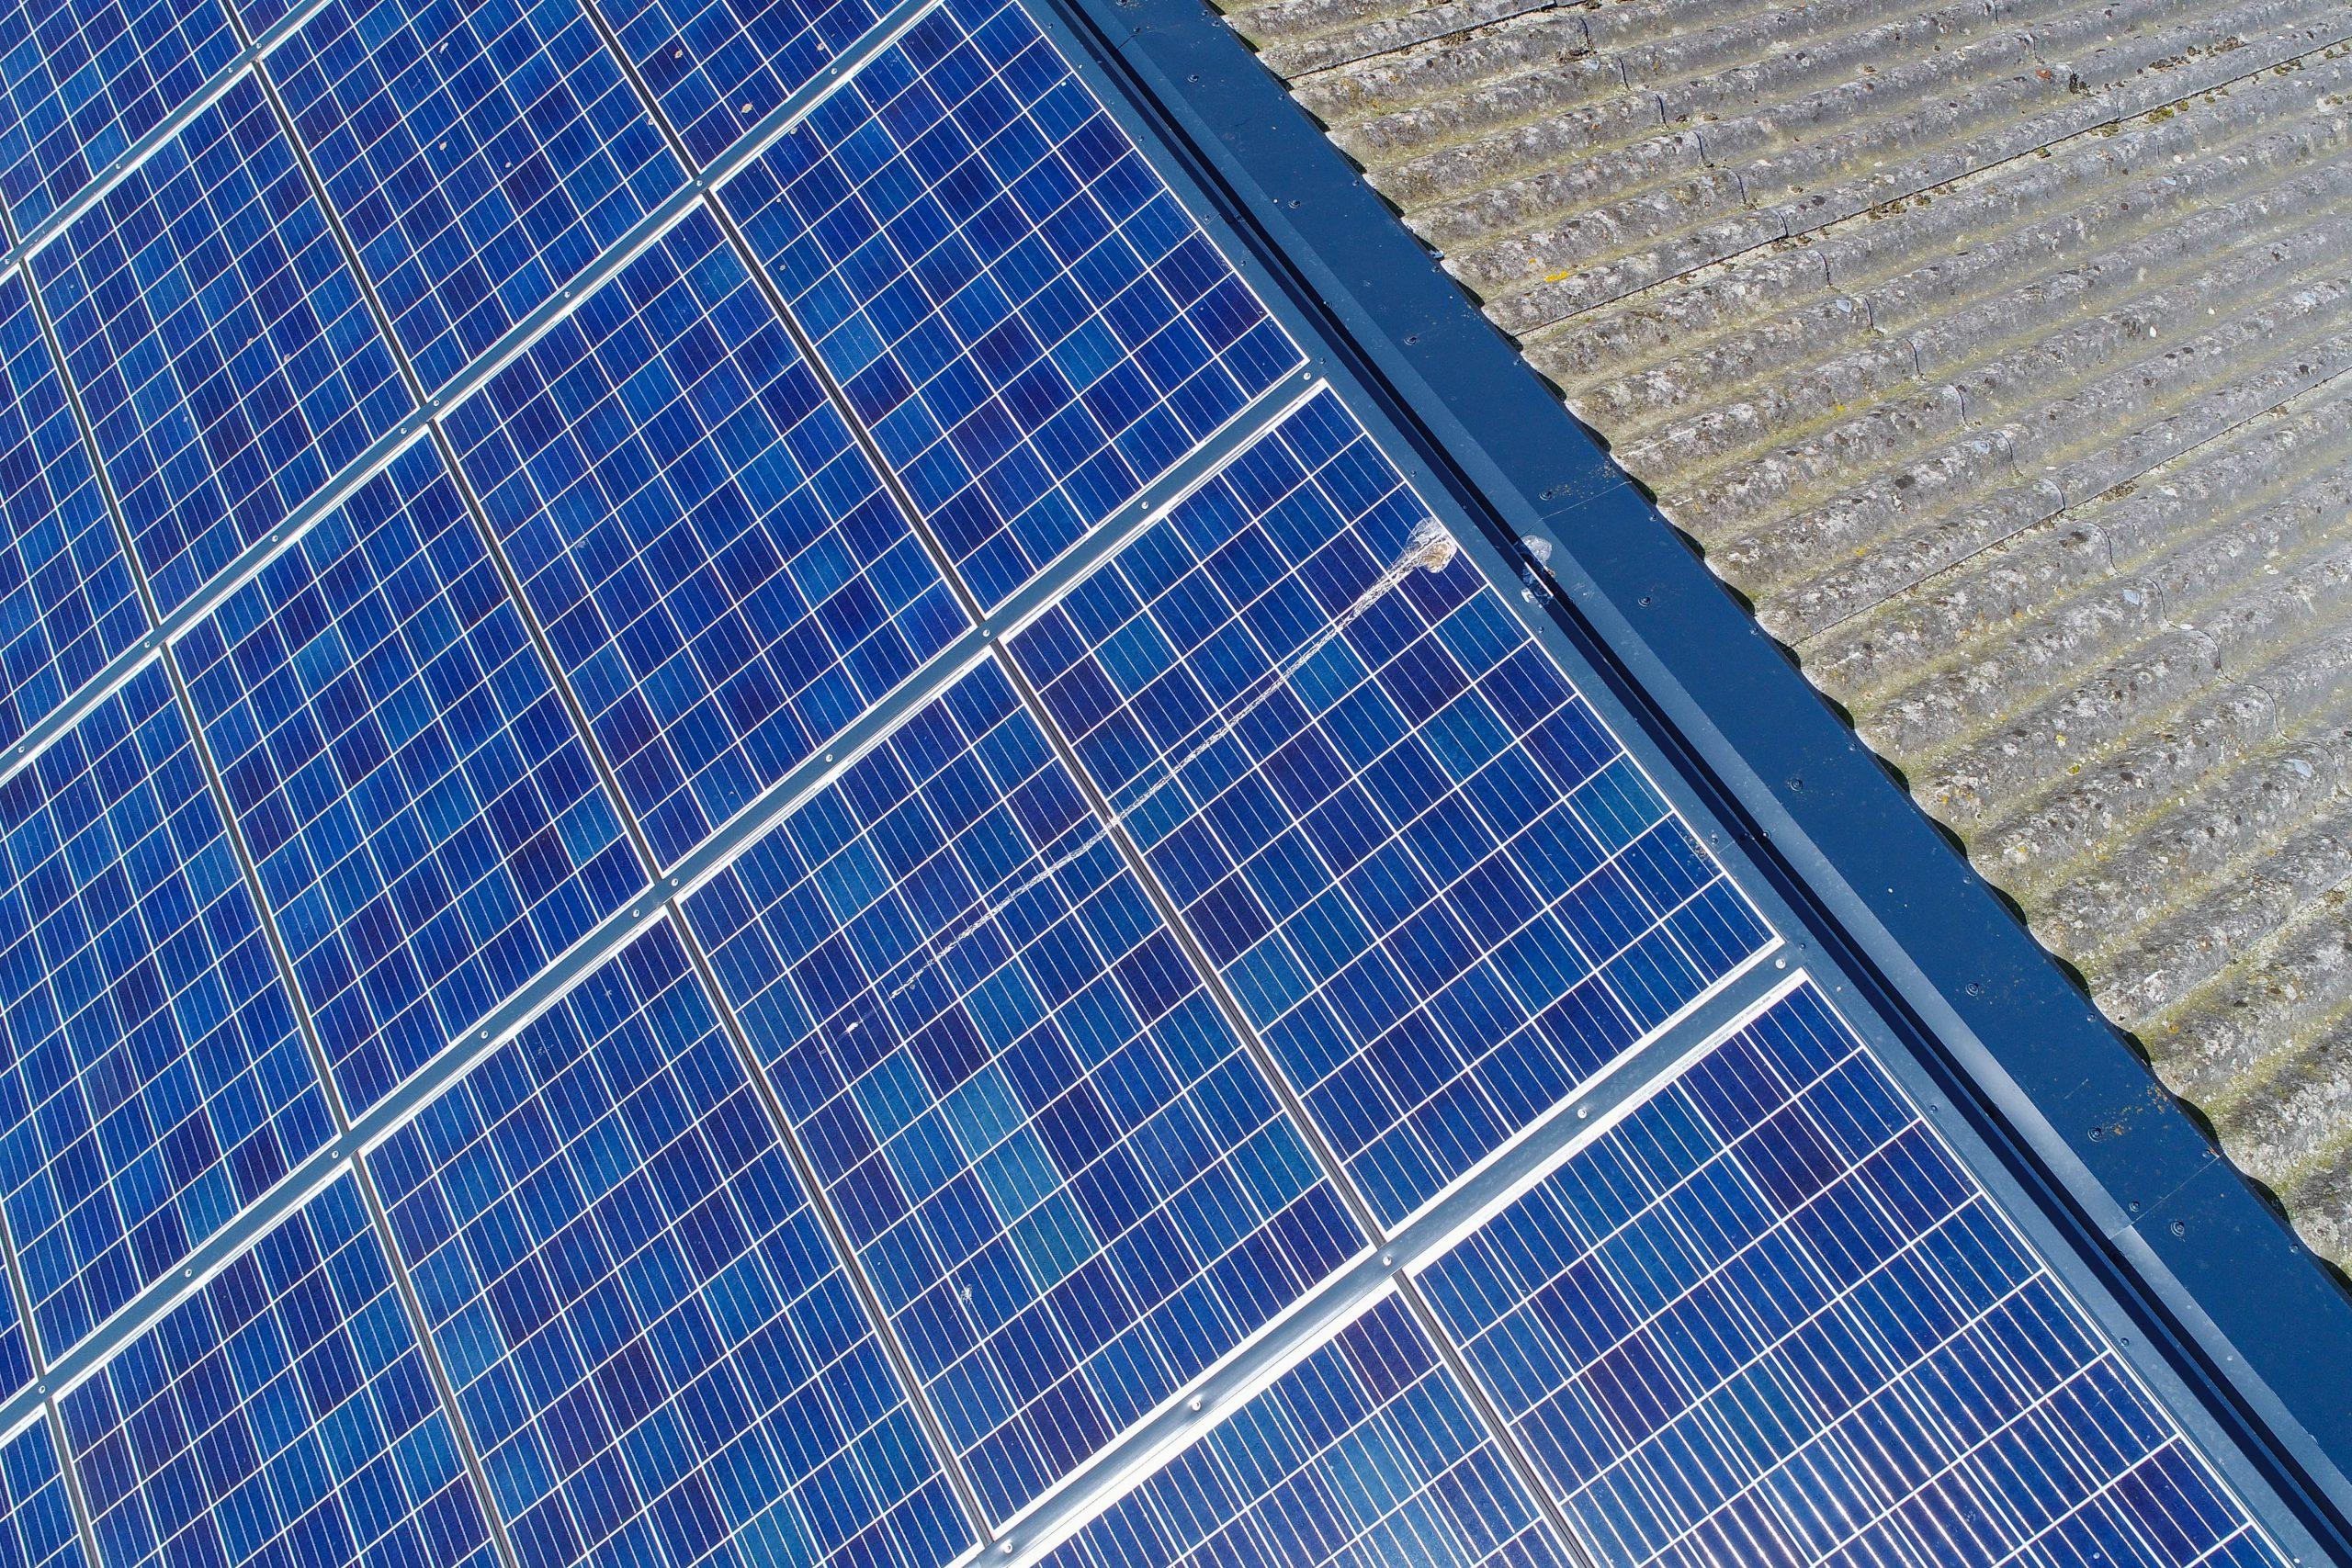 thermographie drone panneaux photovoltaique